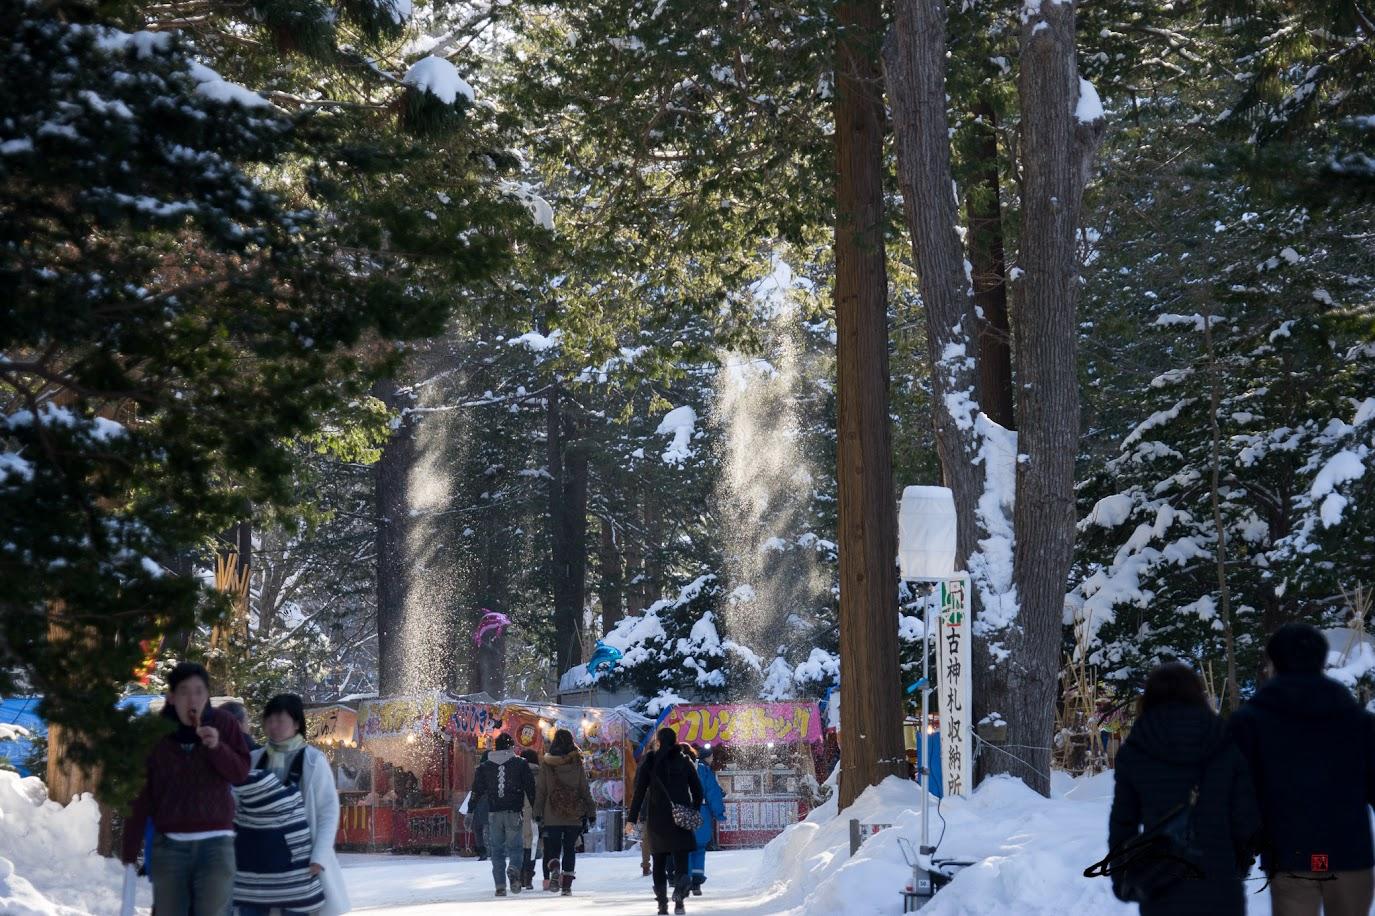 光を浴びて木漏れ日舞い散る粉雪